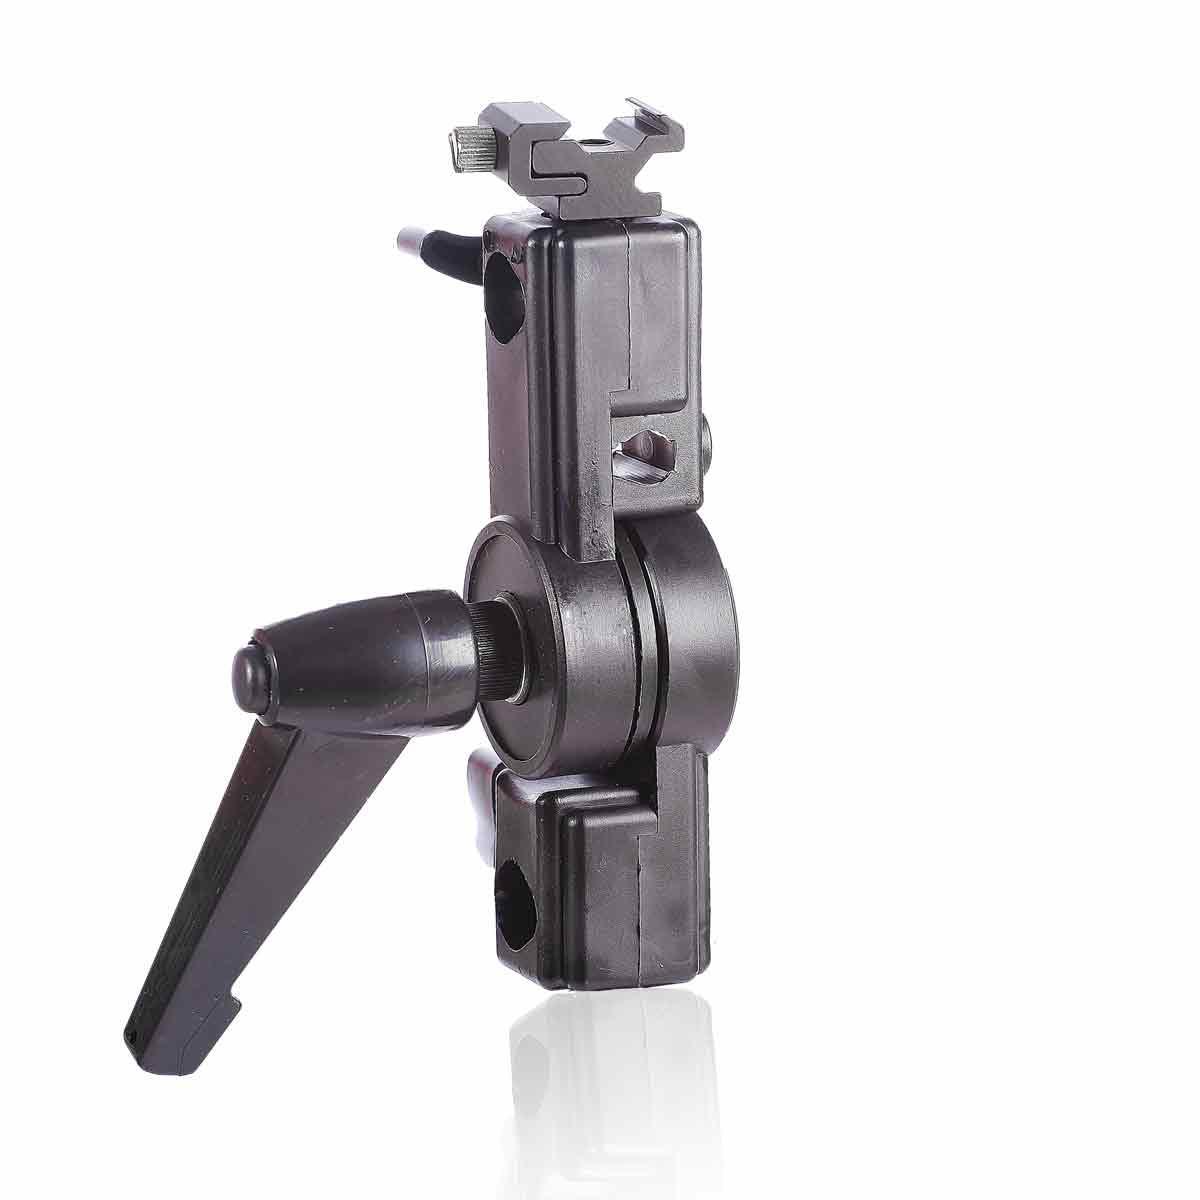 Шарнирный держатель для вспышки и зонта type М (PLA5007)